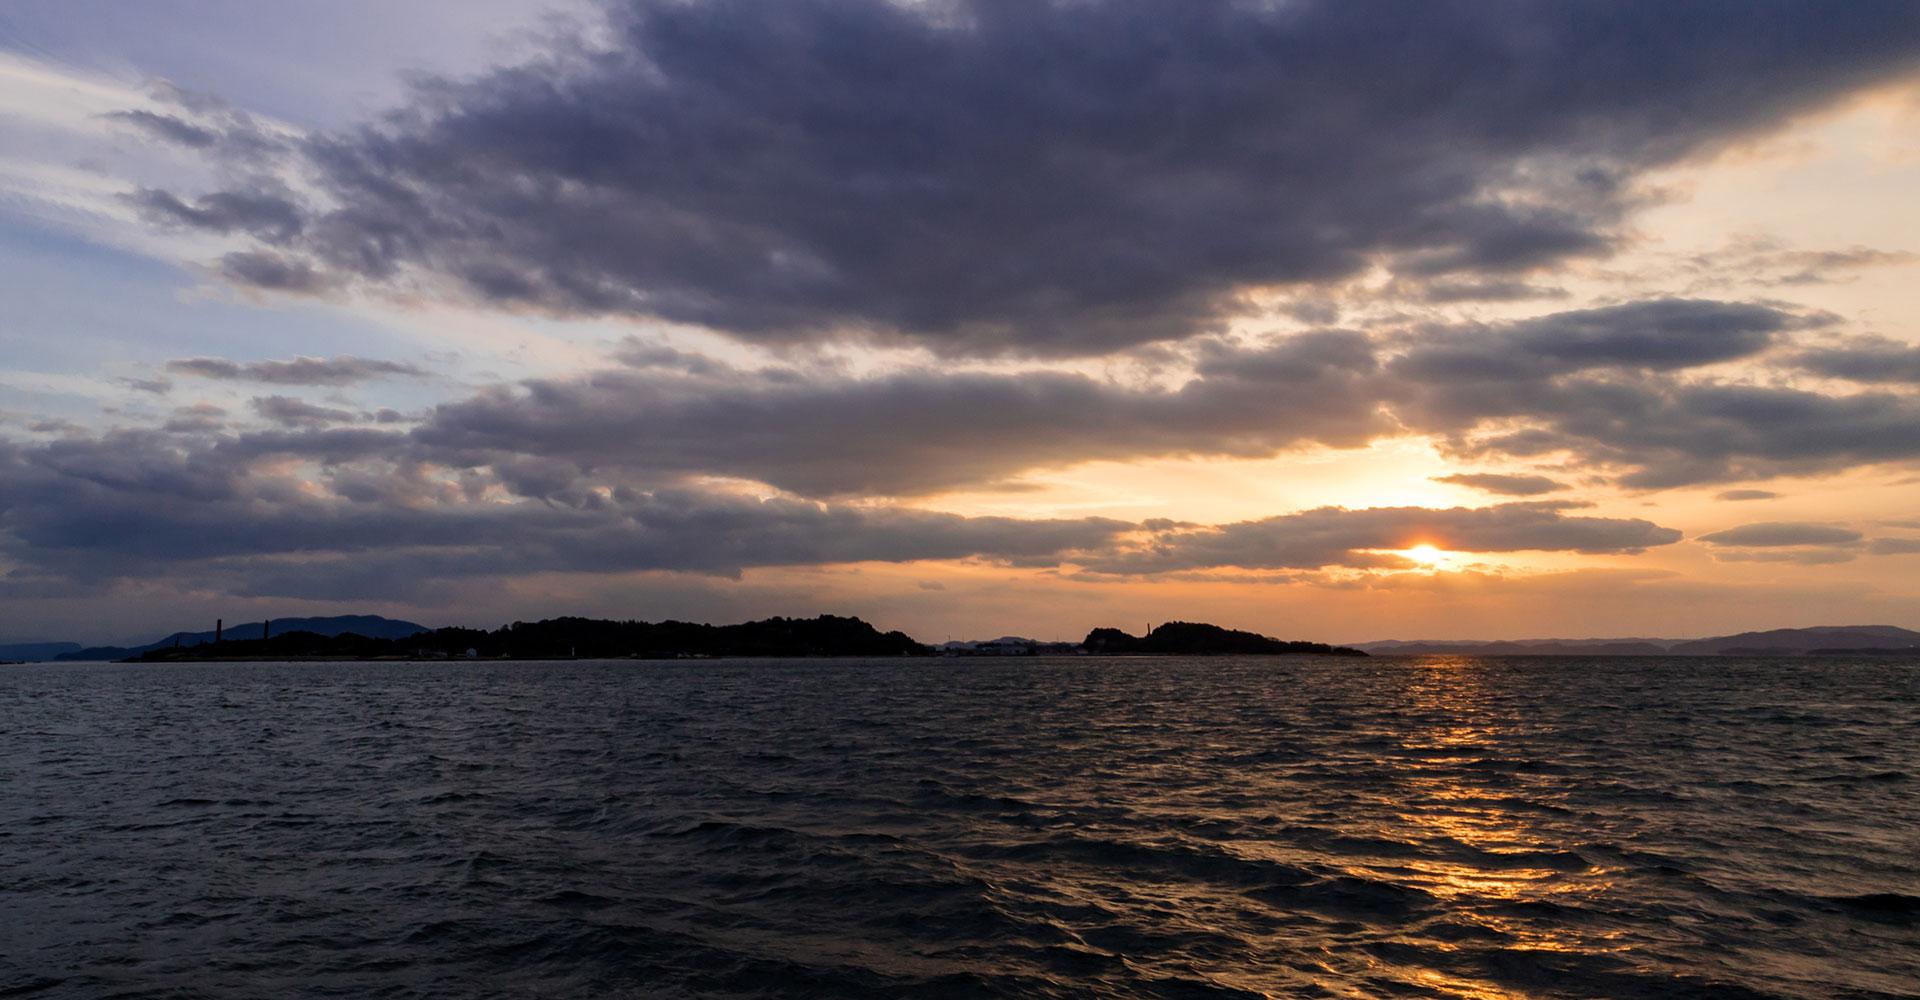 ANA楽パックで行く!瀬戸内海 アートめぐり旅